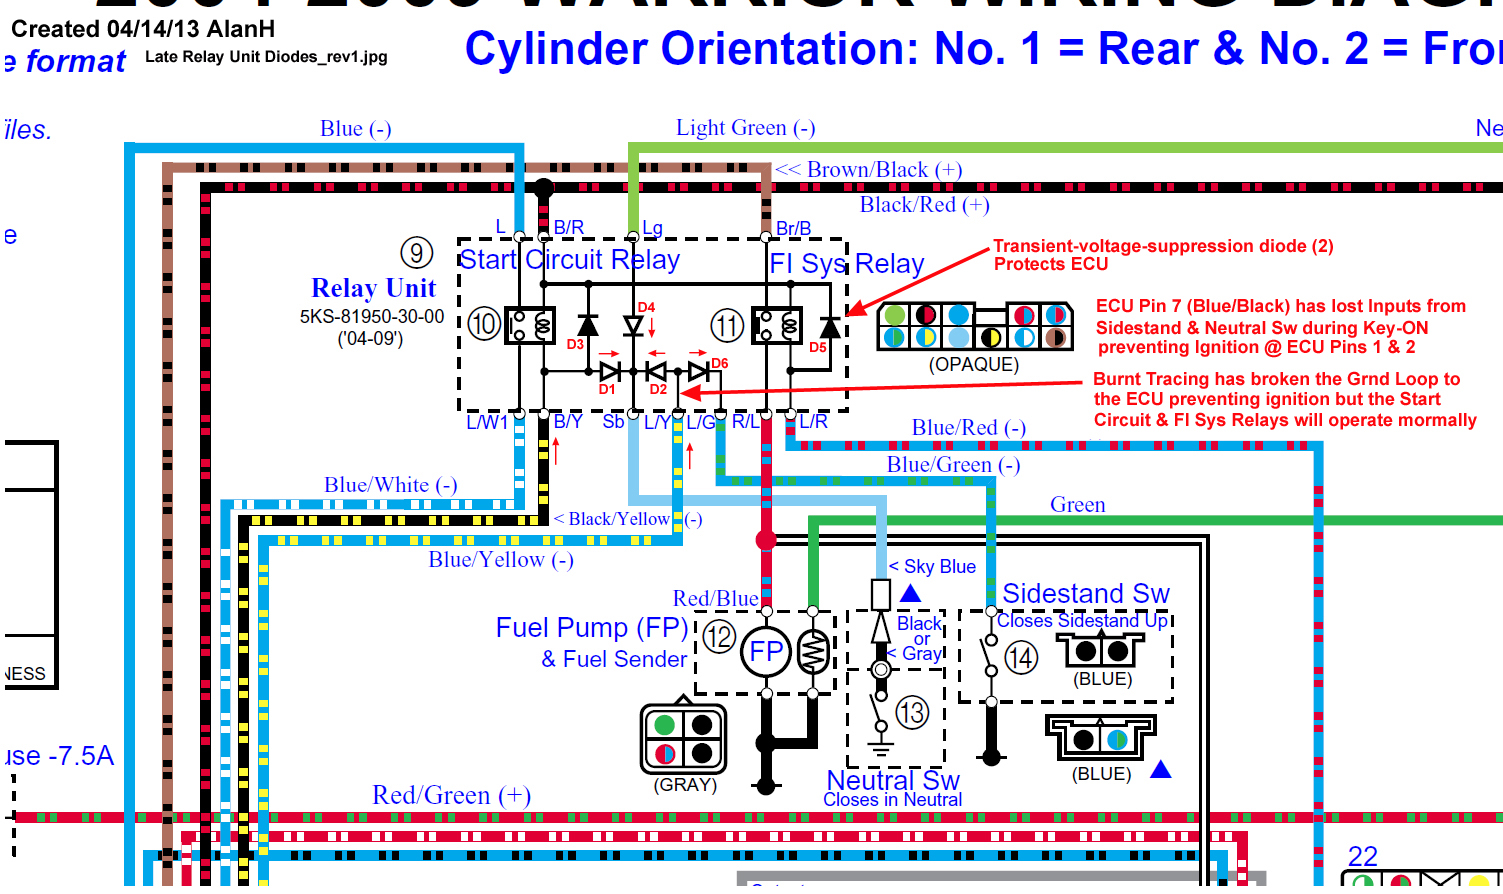 2005 Yamaha Road Star Wiring Diagram - Wiring Diagram